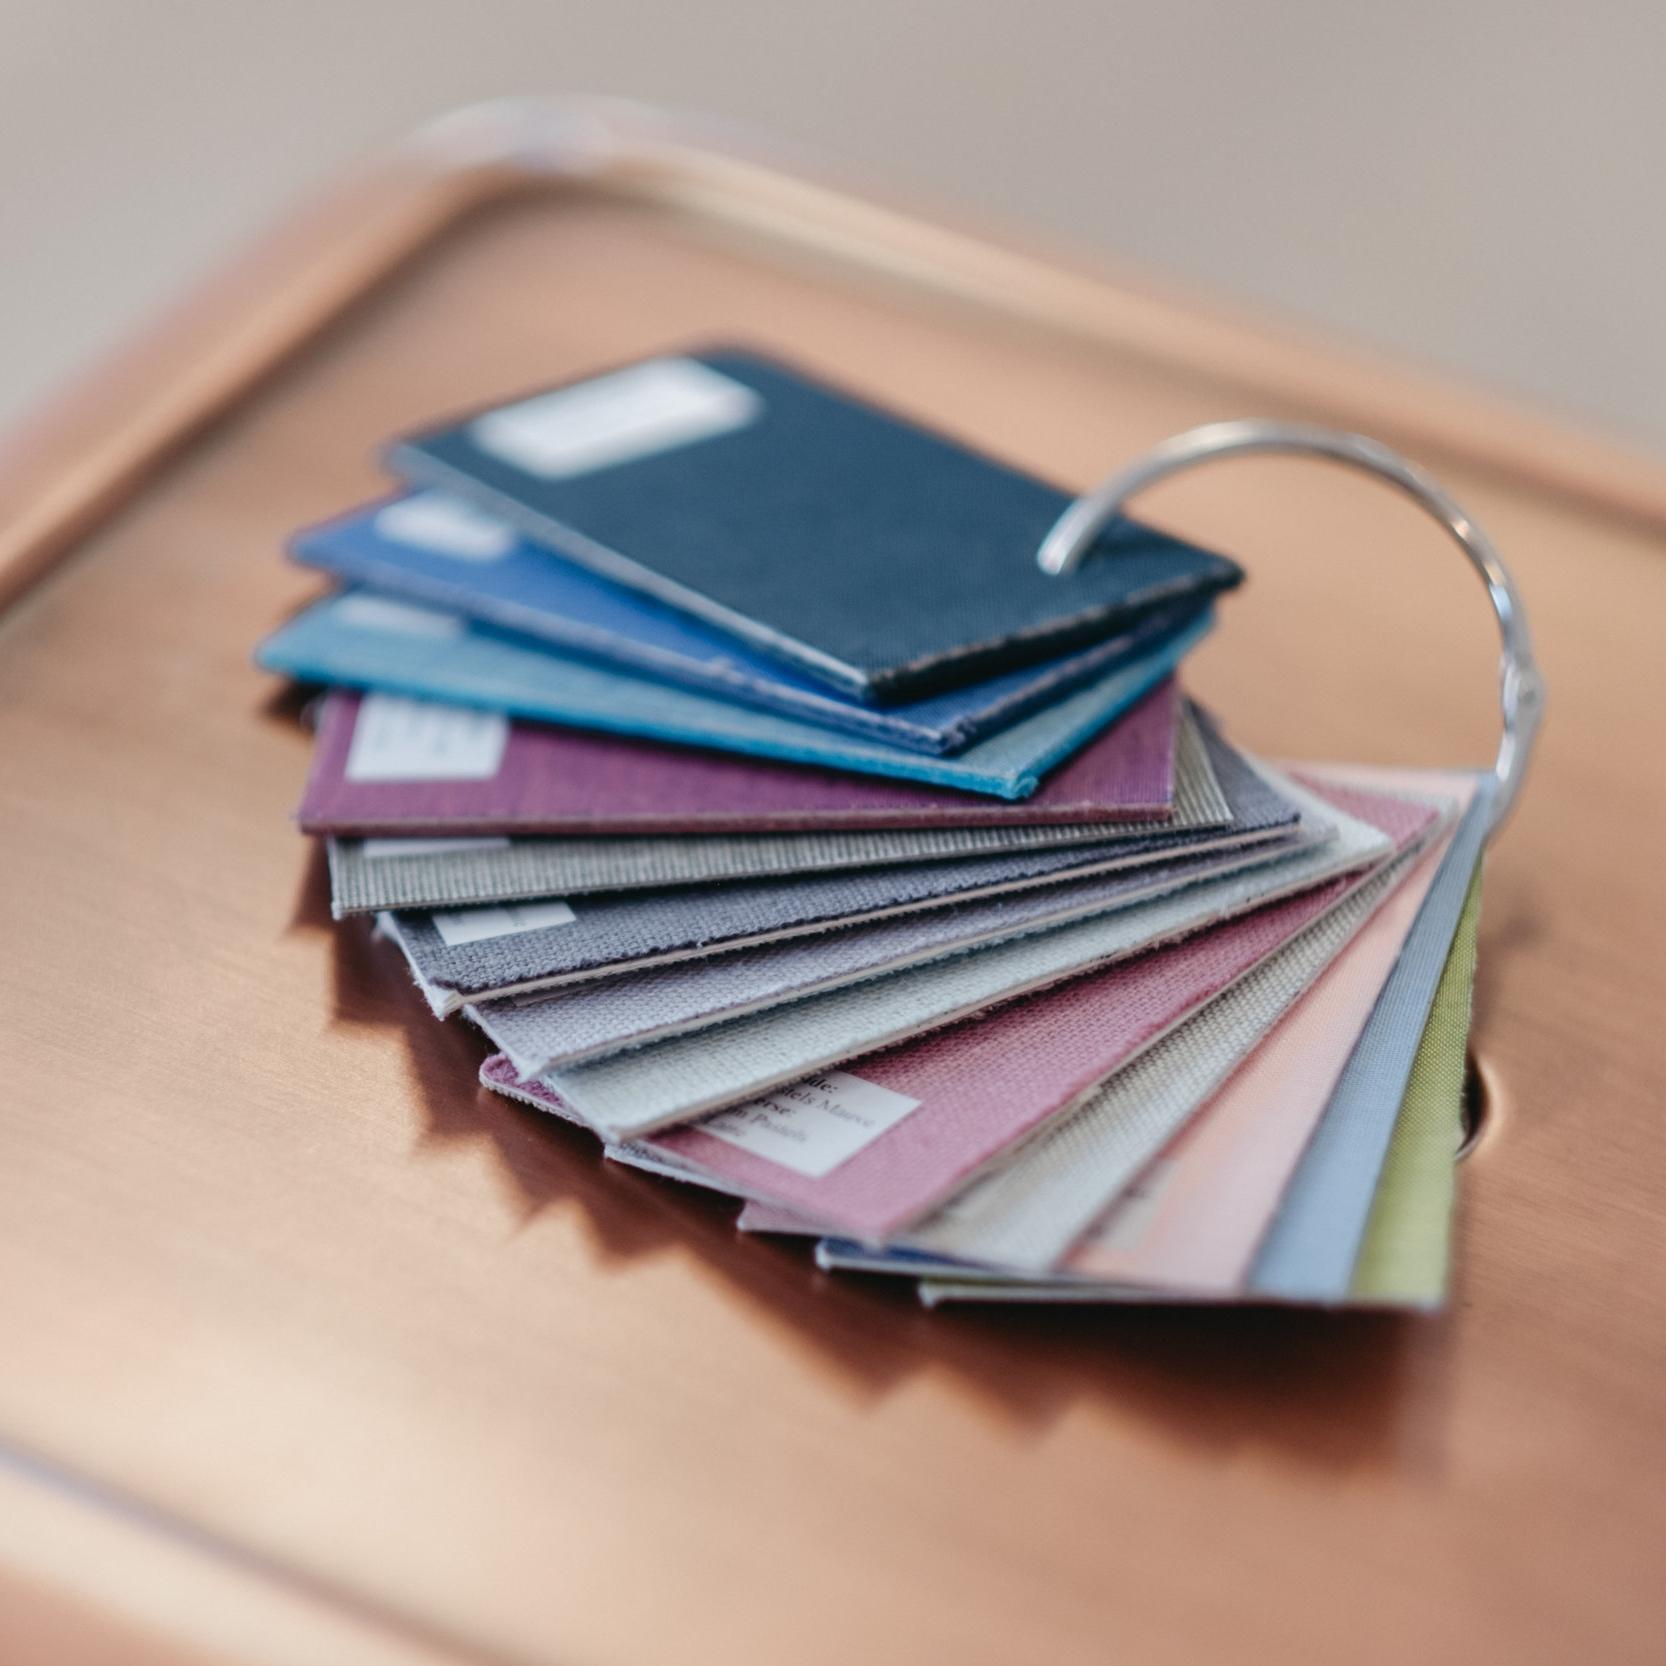 Alla våra album har linneomslag och ni kan välja på en hel del olika färger. Vi är säkra på att ni kommer hitta er favorit.